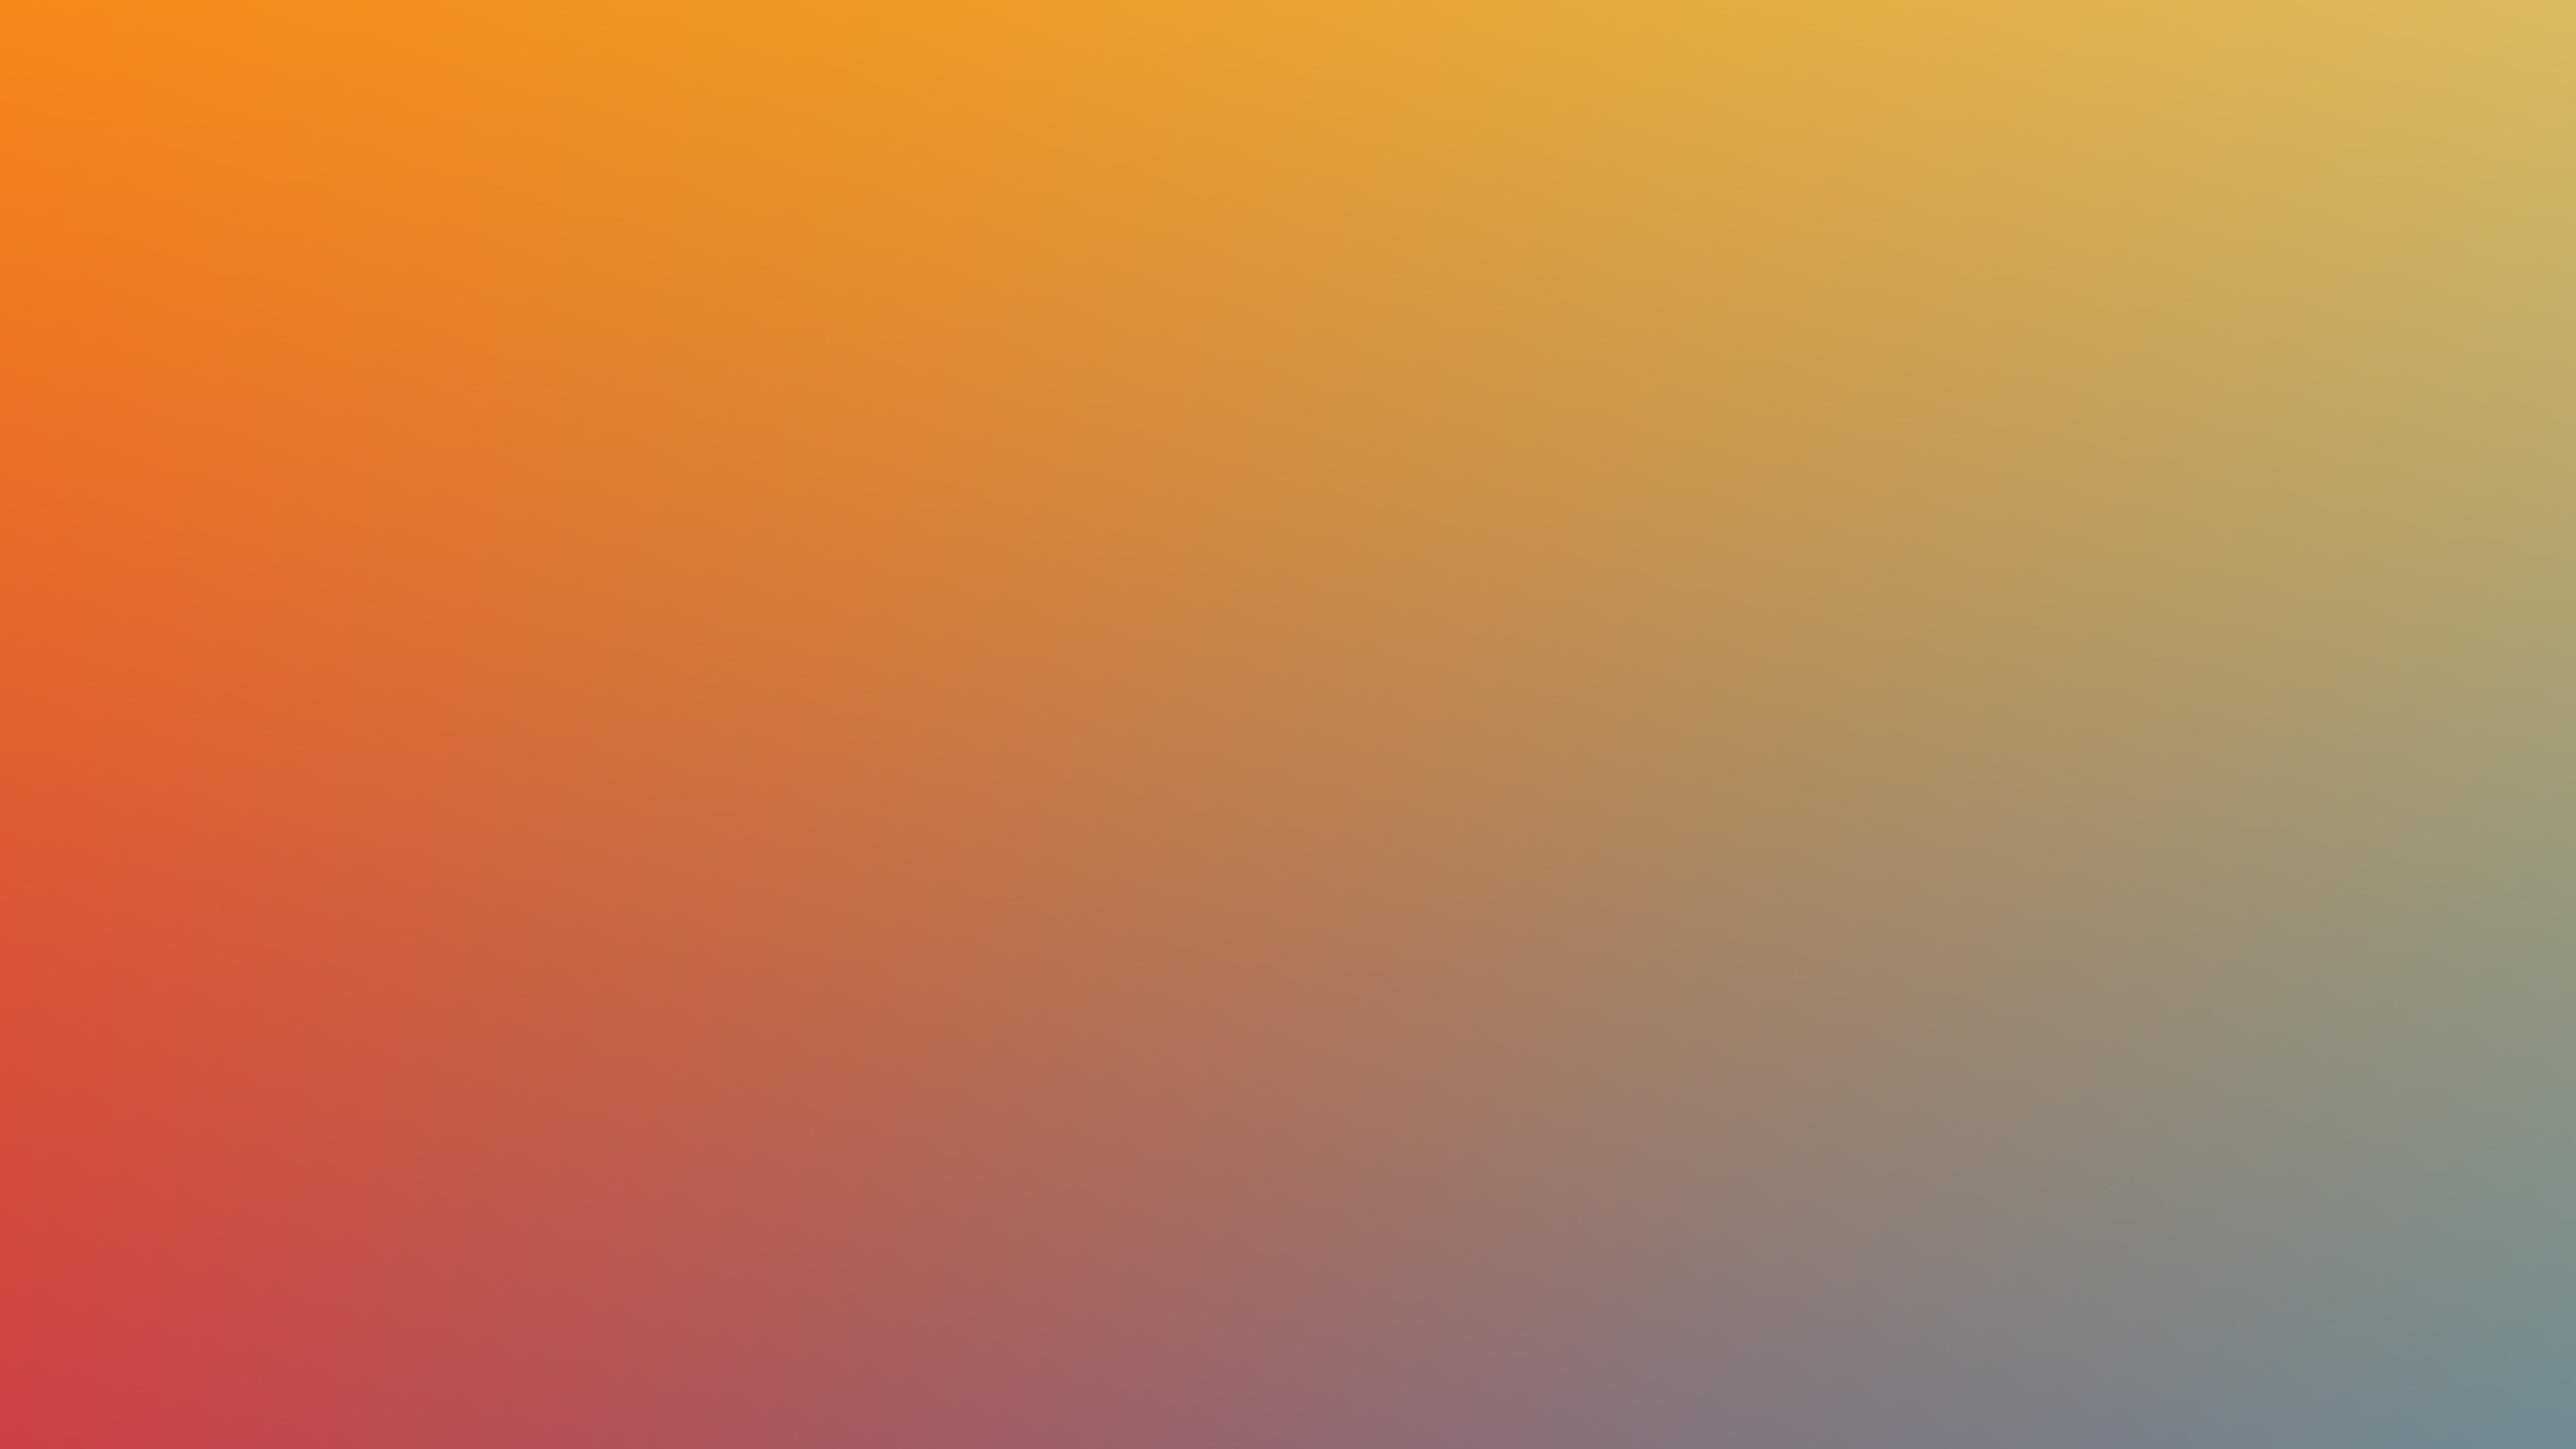 Sun Blur Gradient Minimalist 4k Hd Abstract 4k Wallpapers